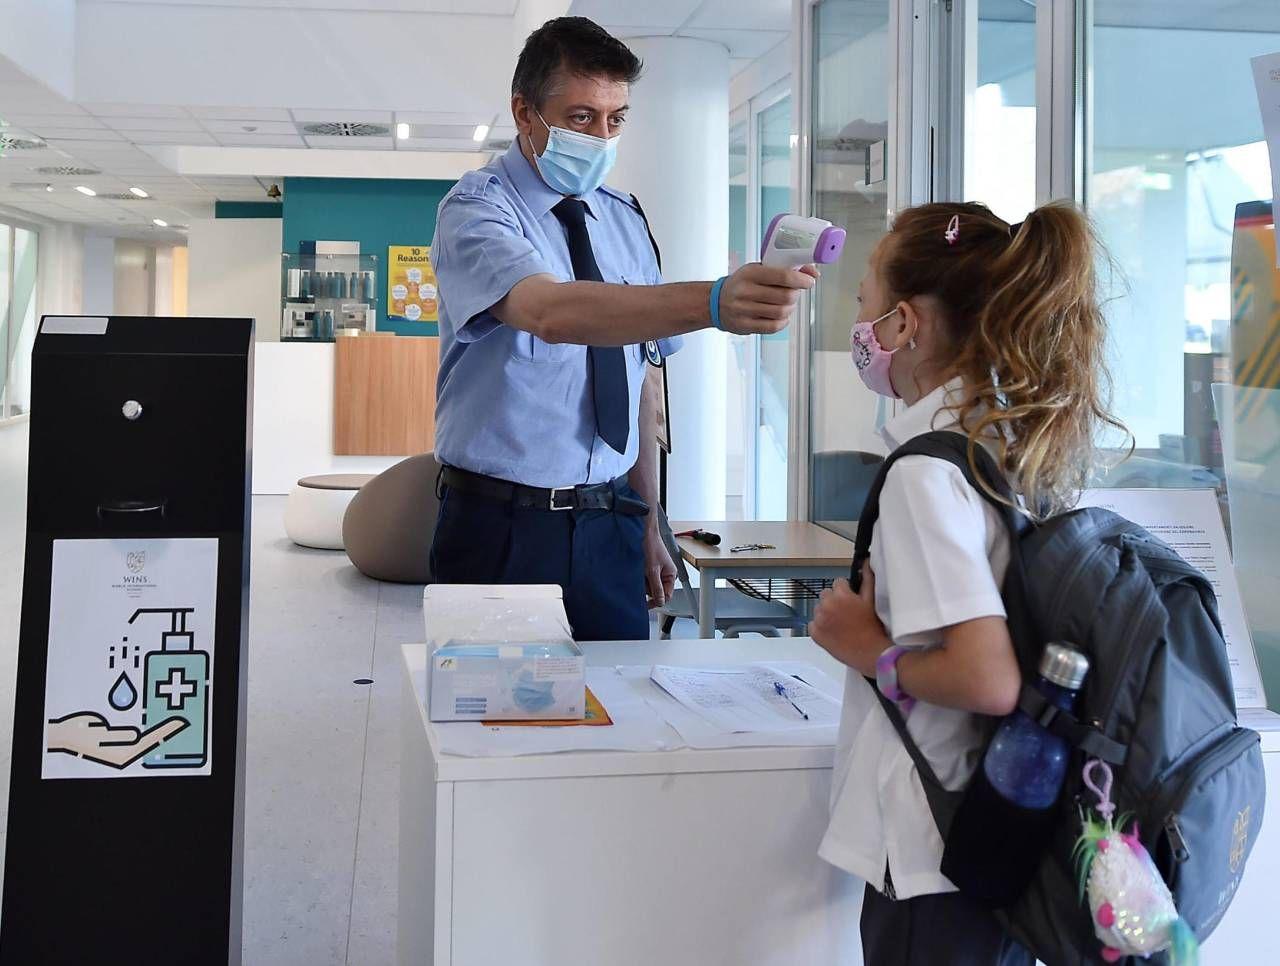 La Regione Piemonte ha deciso di far misurare la febbre dagli addetti all'ingresso ma il governo ha impugnato l'ordinanza del presidente Alberto Cirio